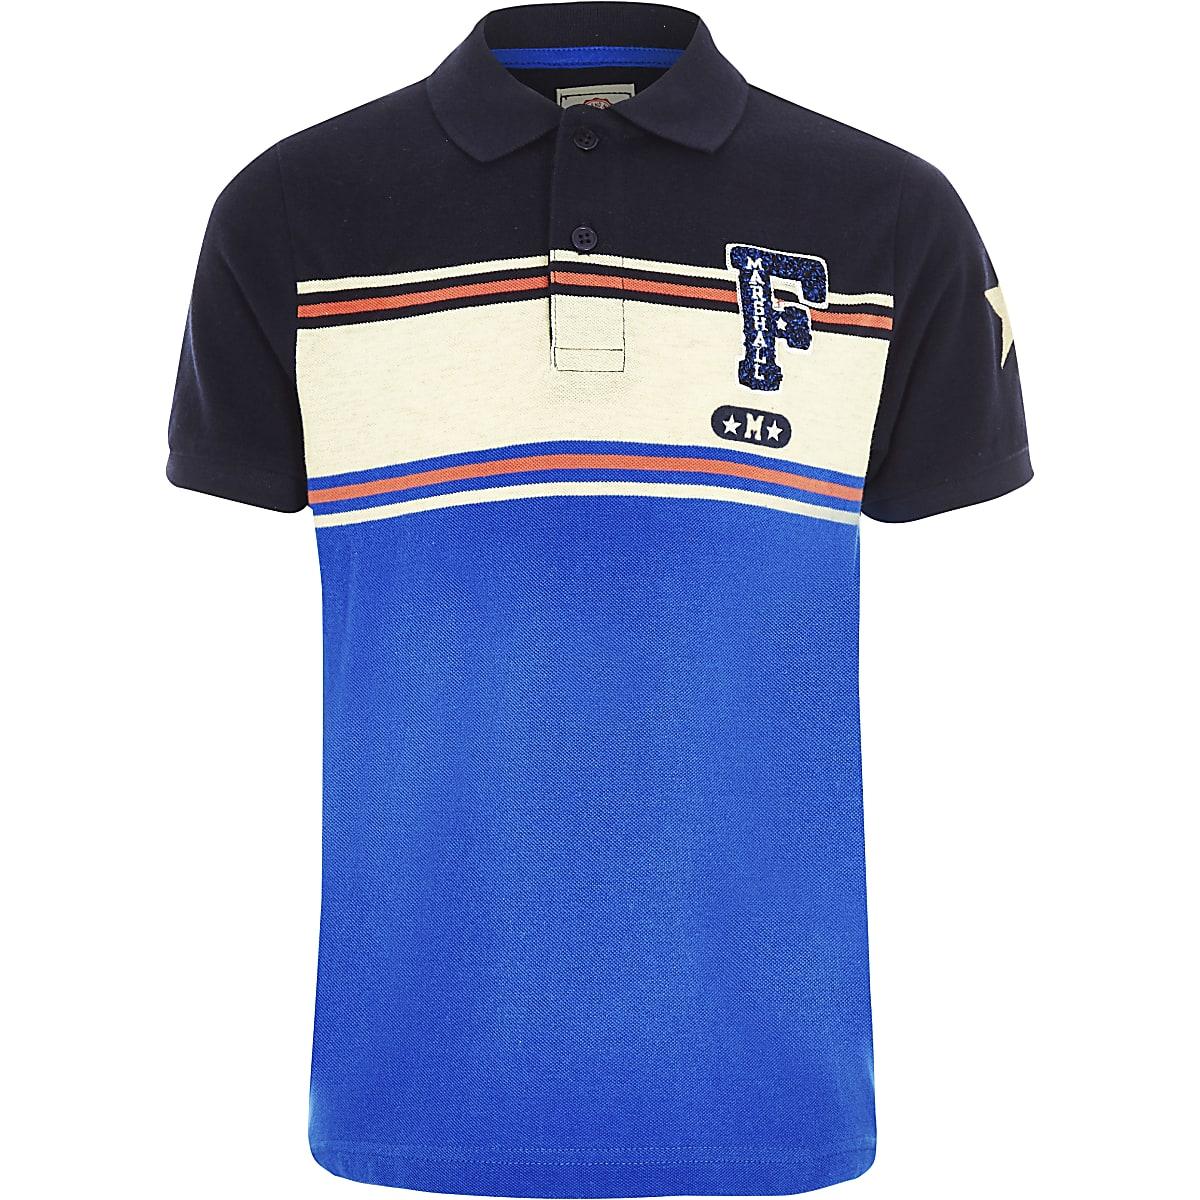 Boys Franklin & Marshall blue polo shirt